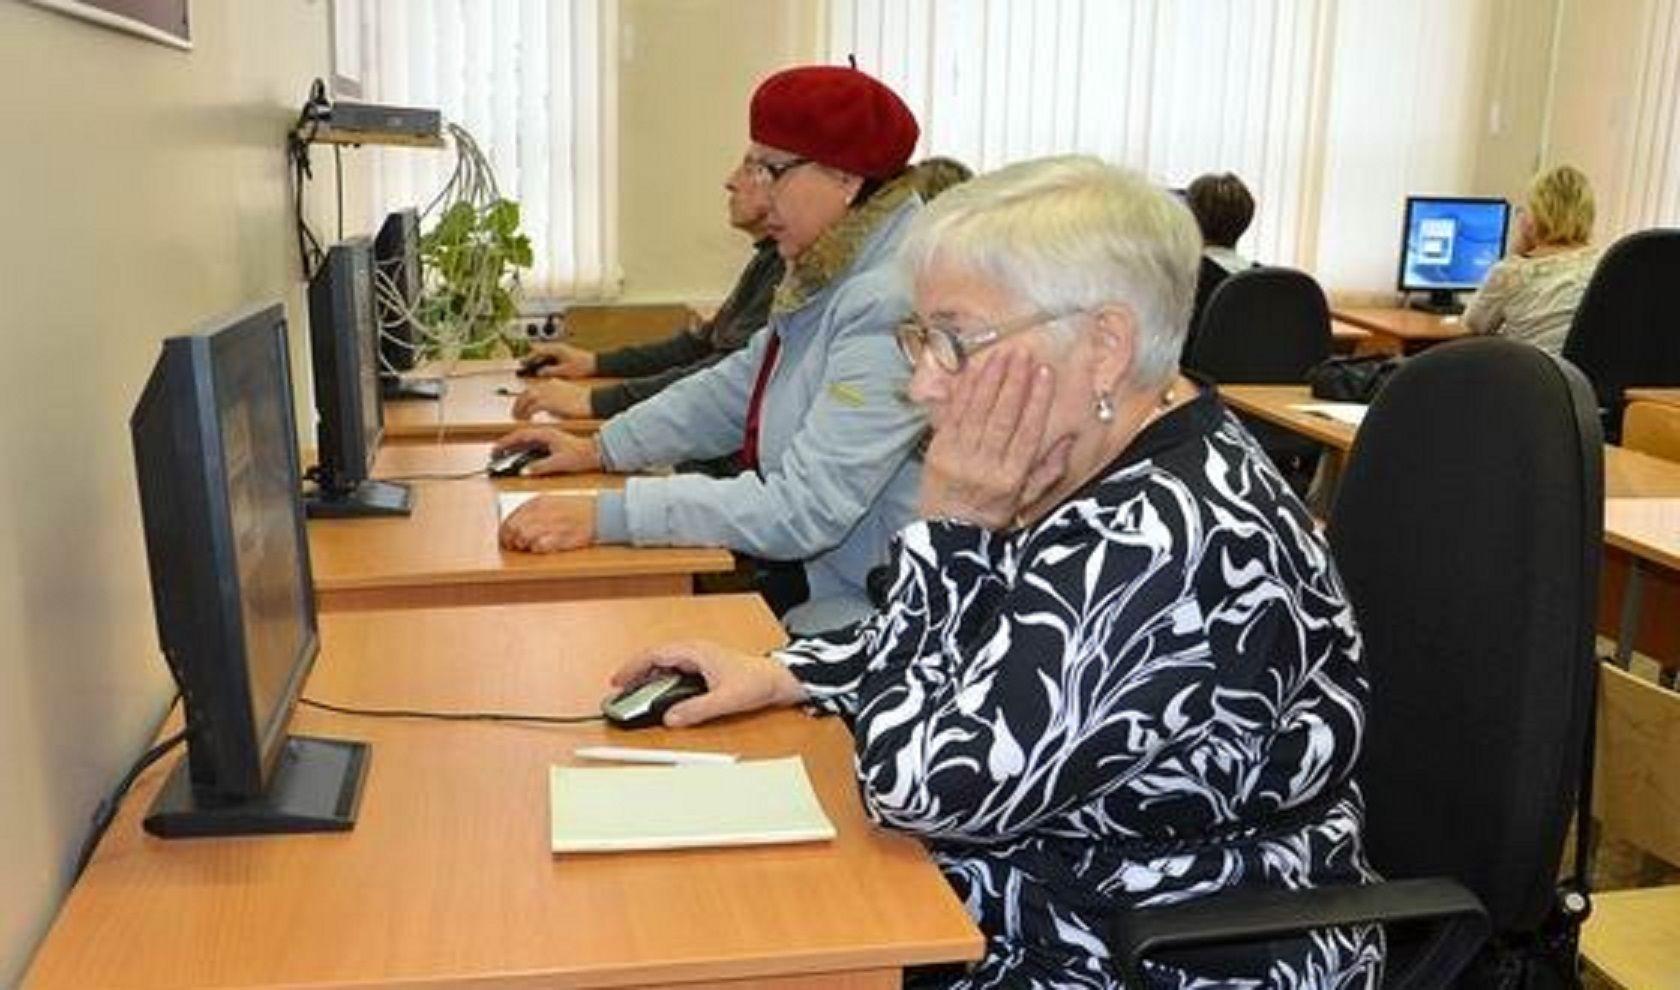 600 ставропольских пенсионеров получили сертификаты об окончании курсов компьютерной грамотности